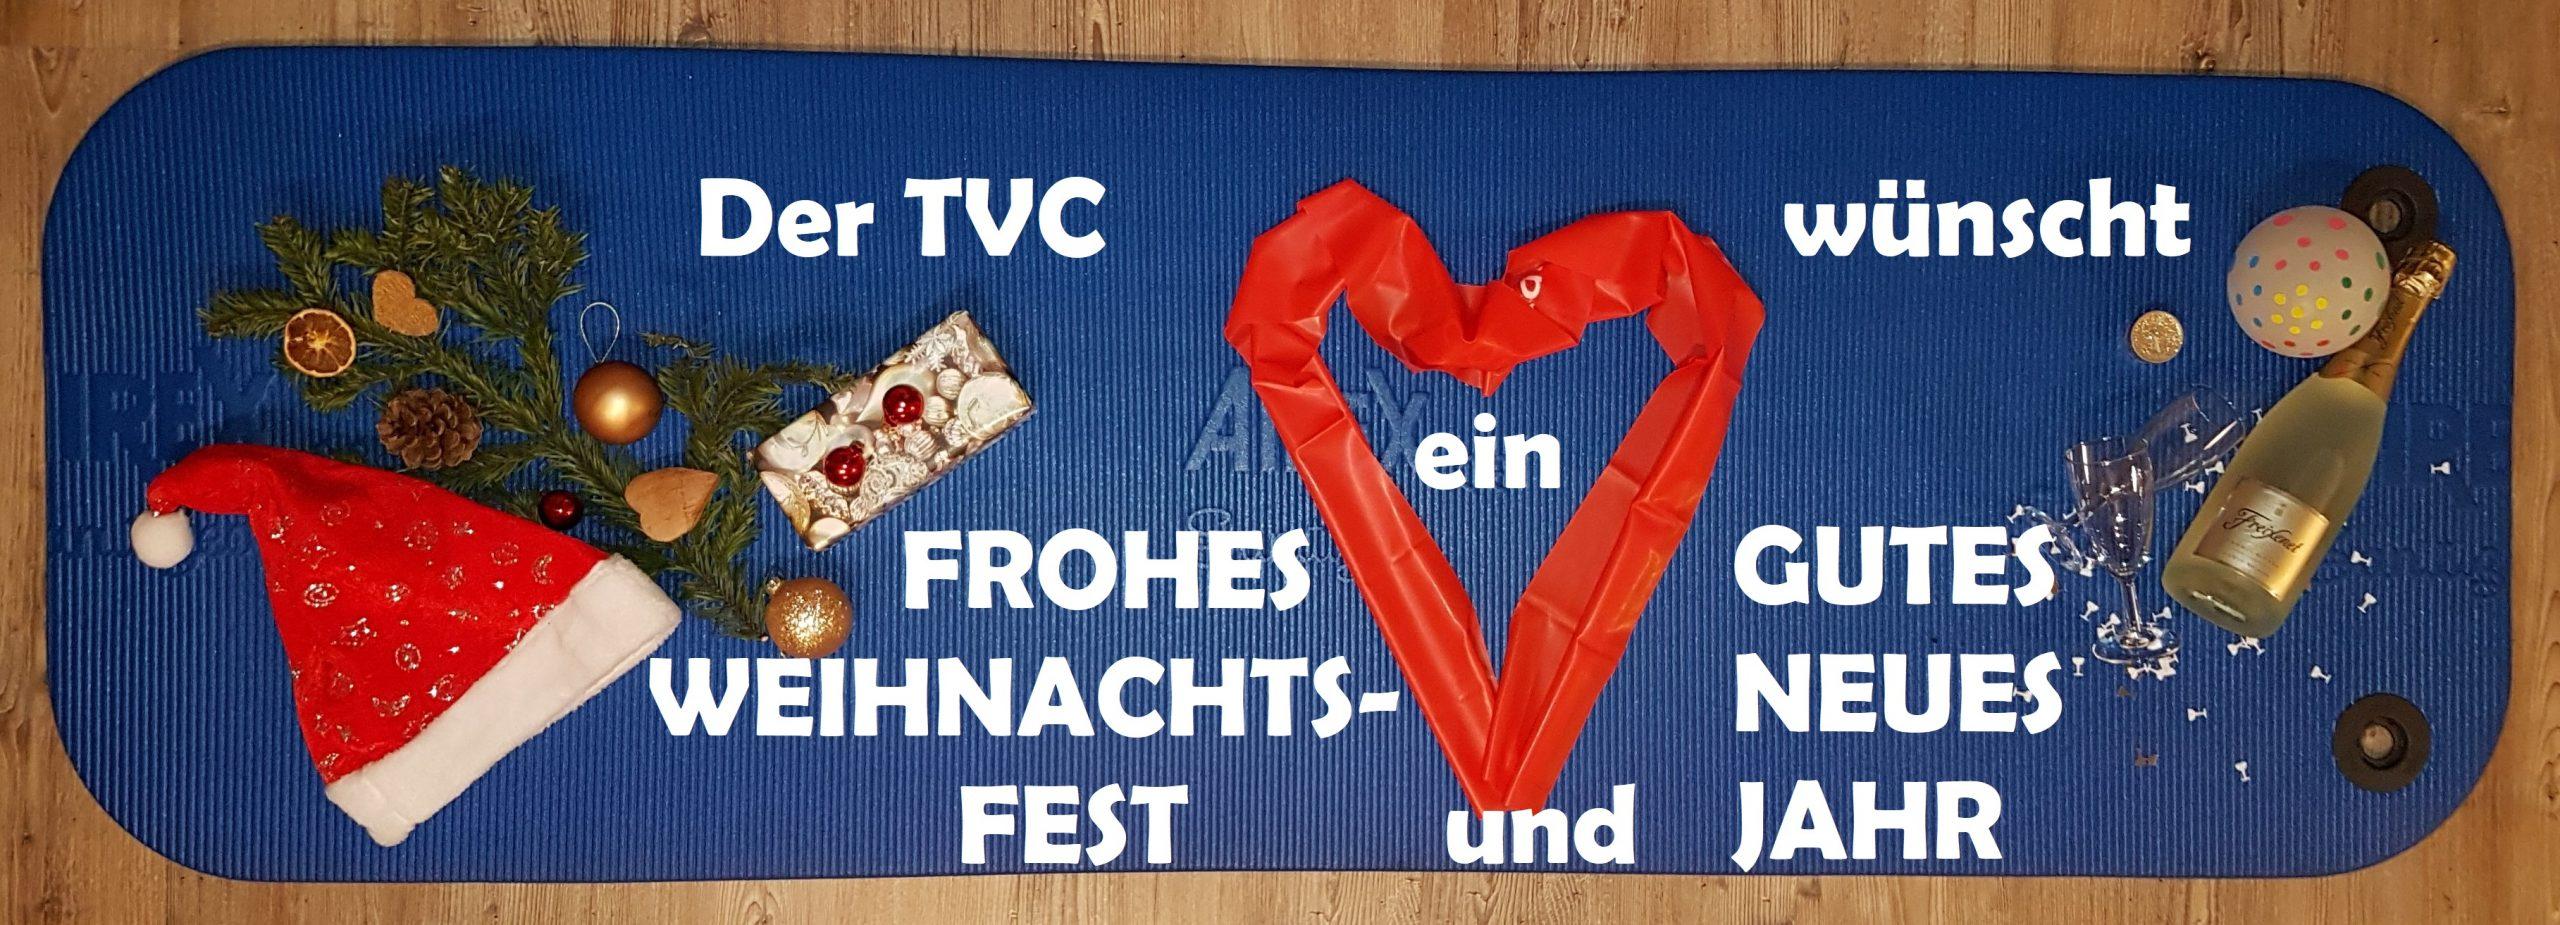 Weihnachts- und Neujahrsgruß TV Conweiler